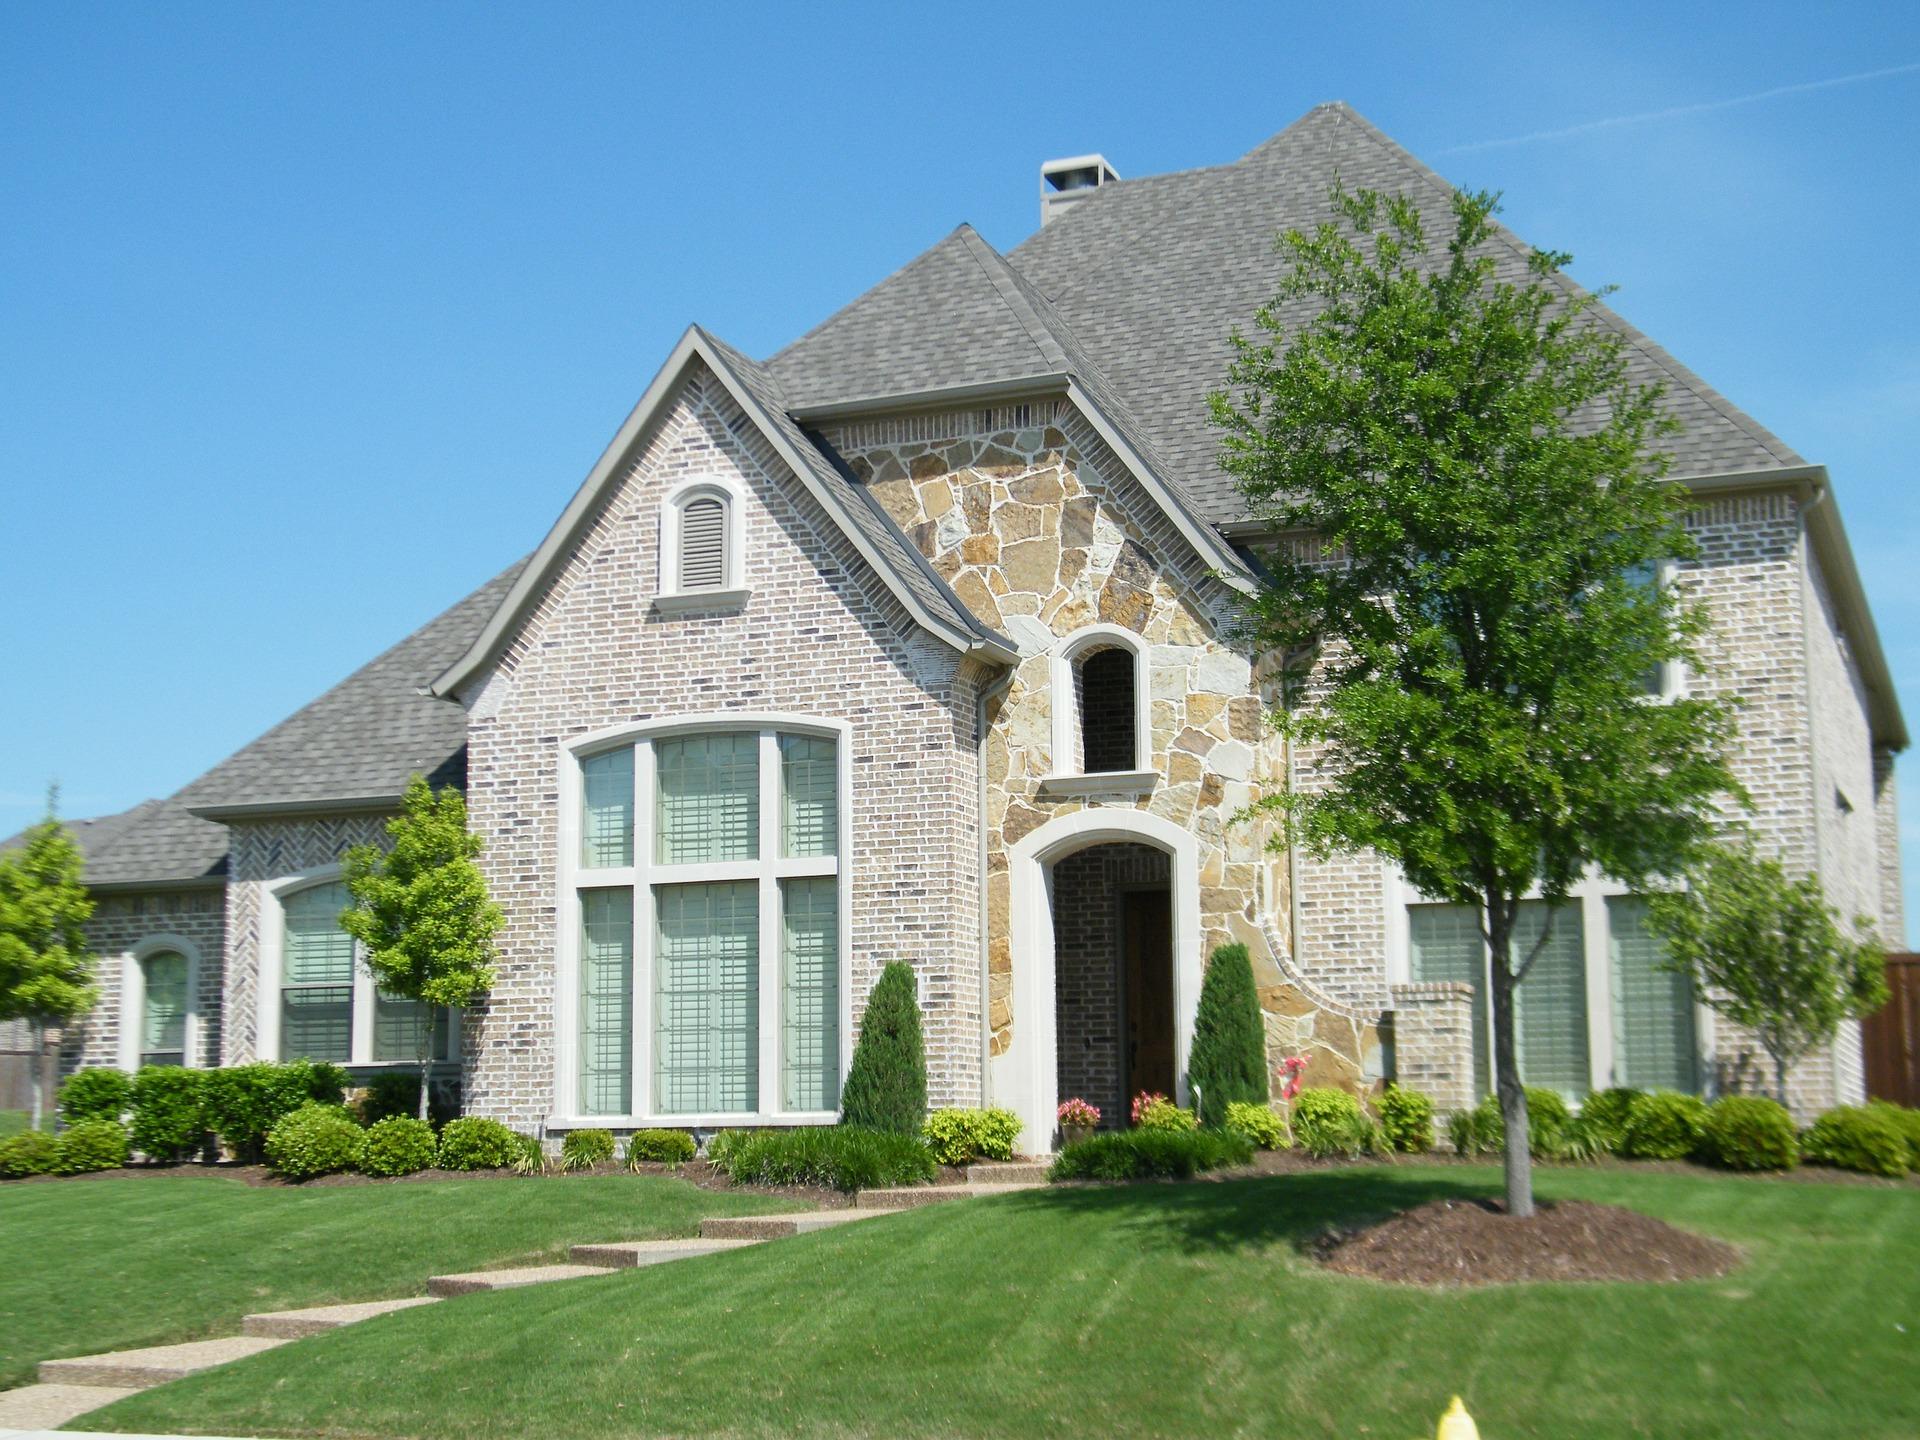 Узнайте больше об интересующем вас доме